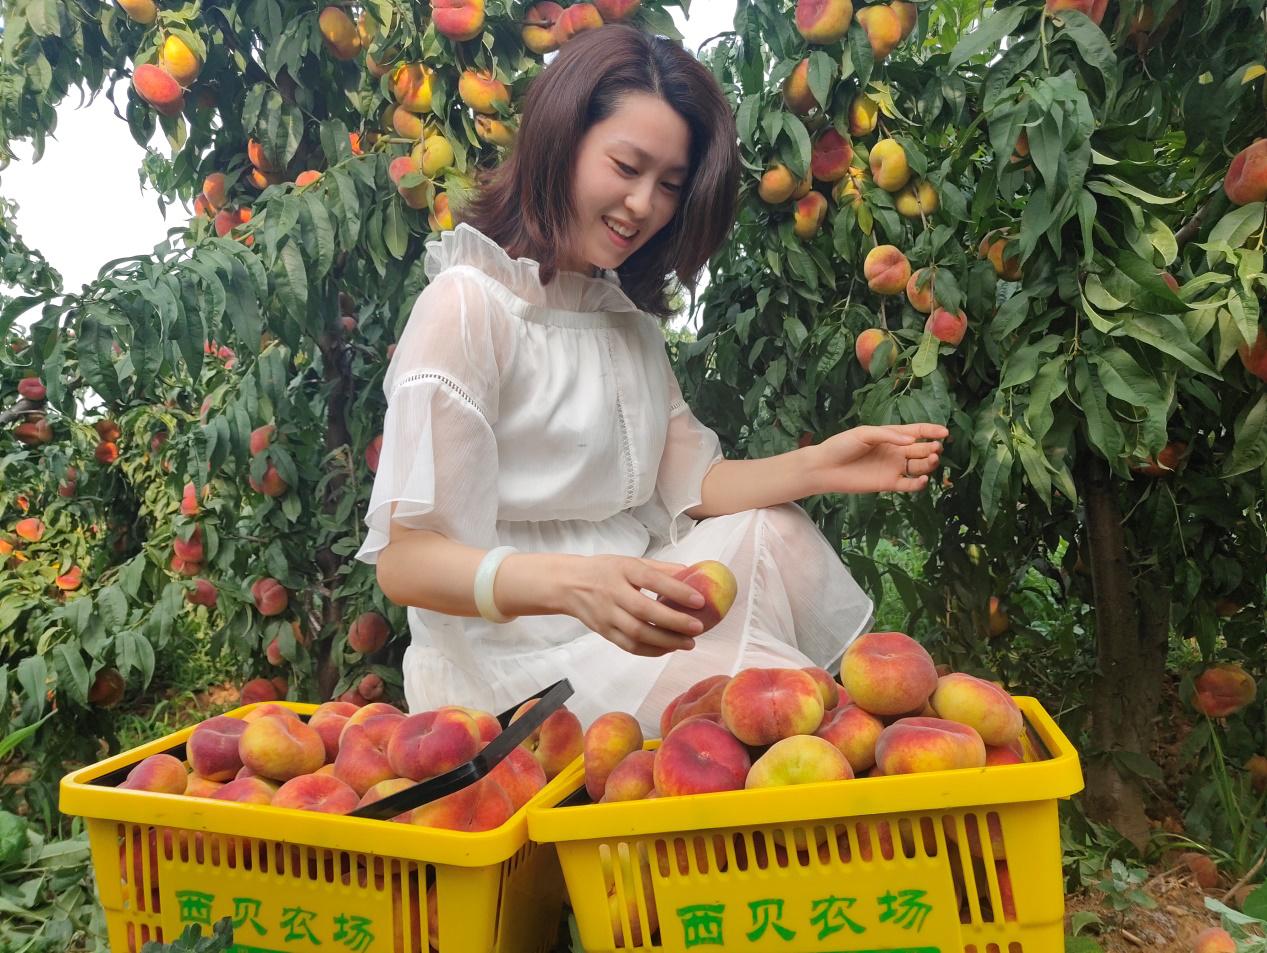 伊川县:百亩果子成熟 游客纷至沓来